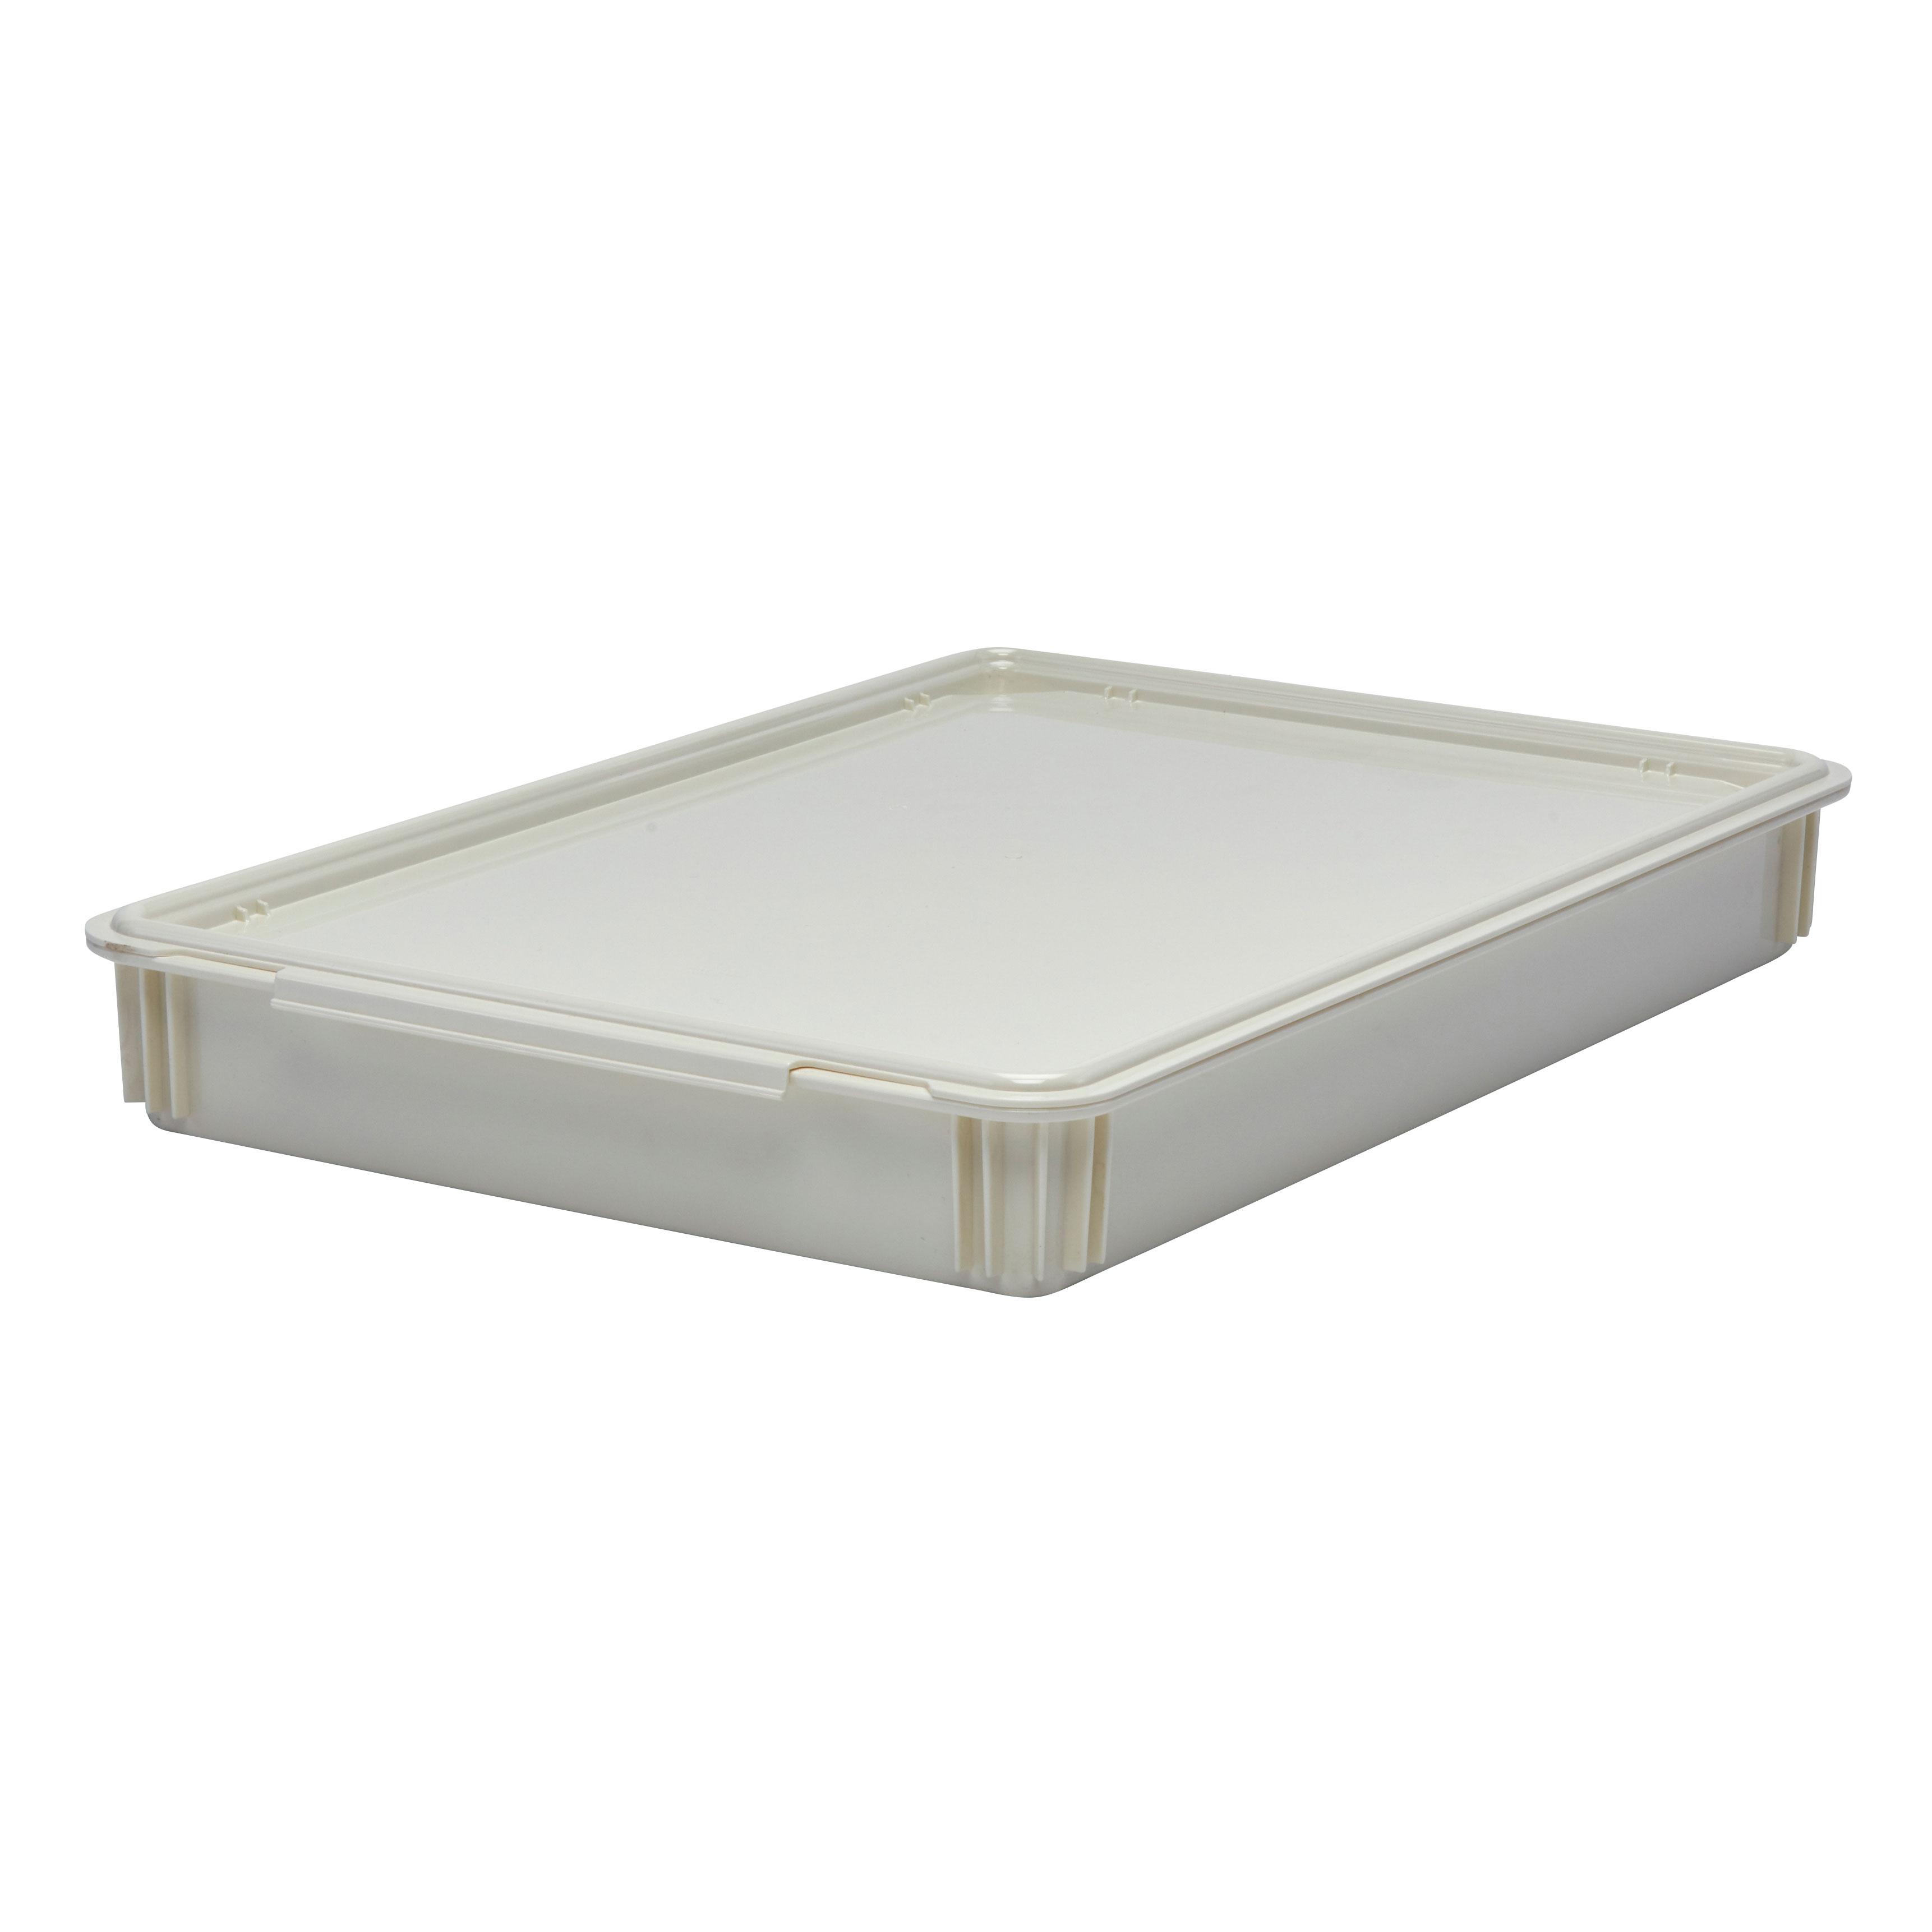 Cambro DB18263CW148 dough proofing retarding pans / boxes